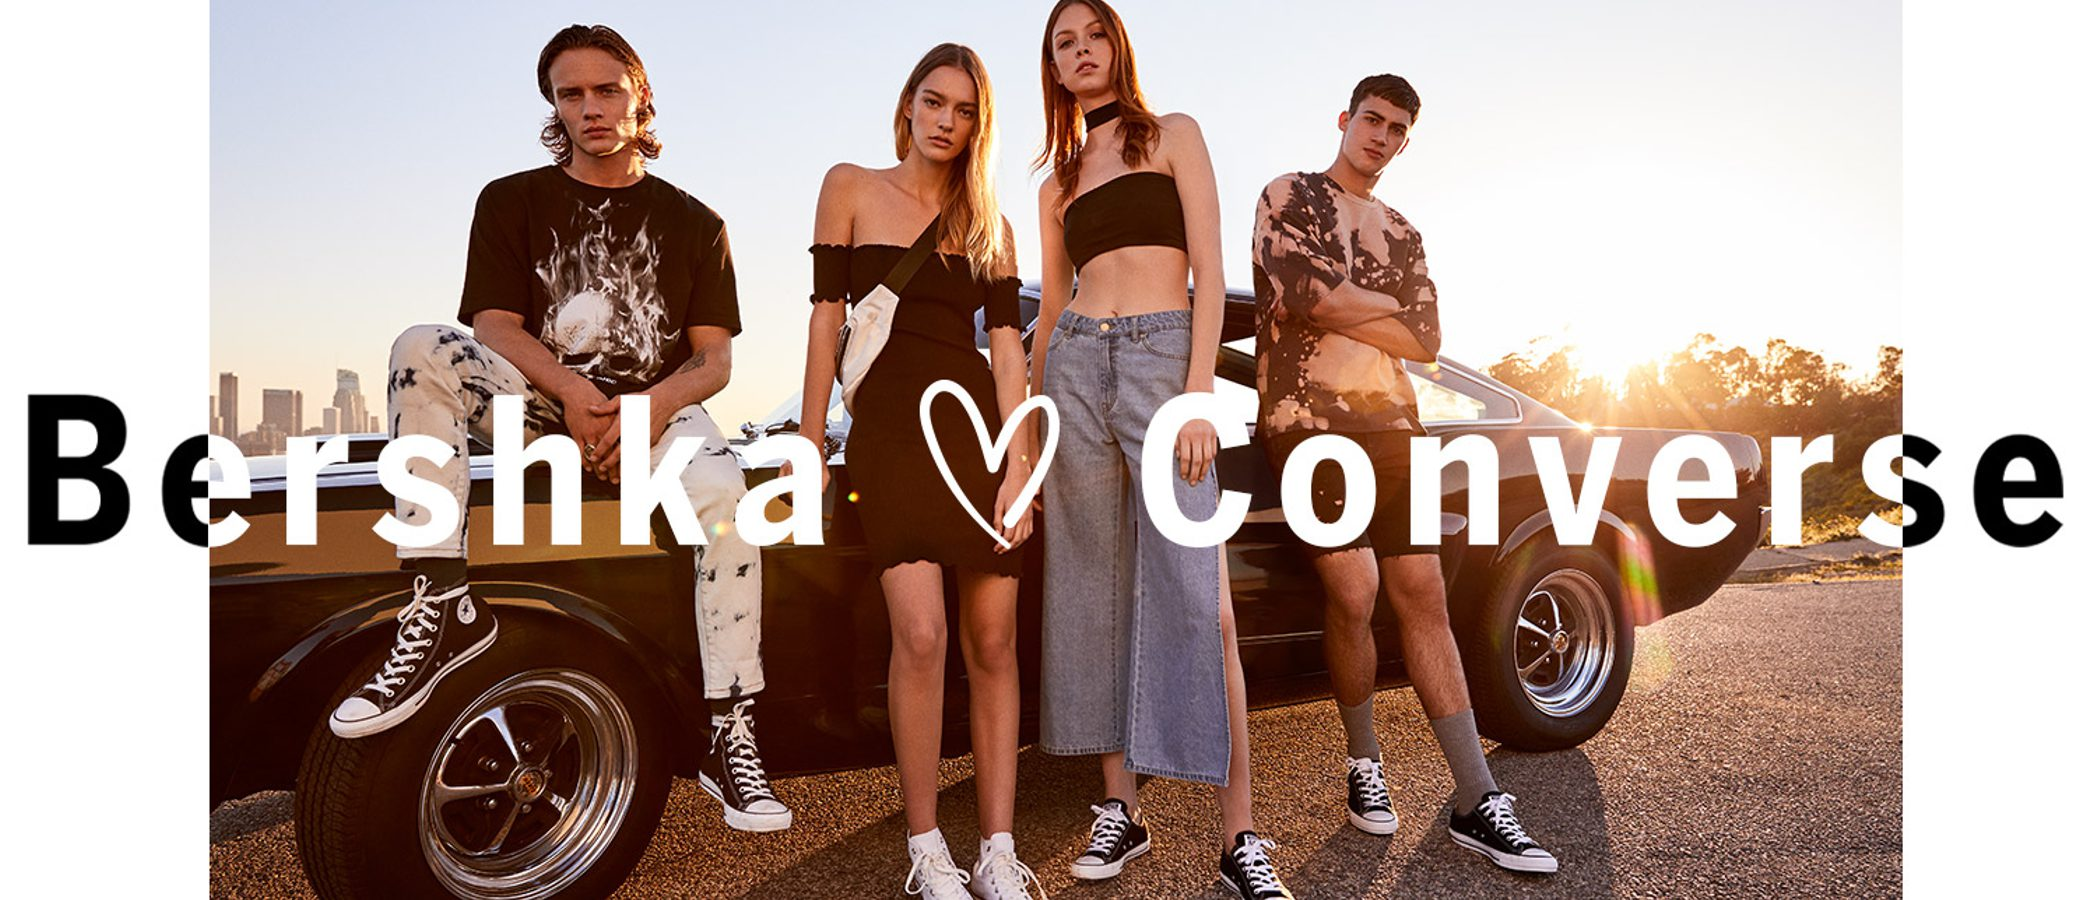 Bershka arrasa con Converse y su nueva colaboración para primavera/verano 2017